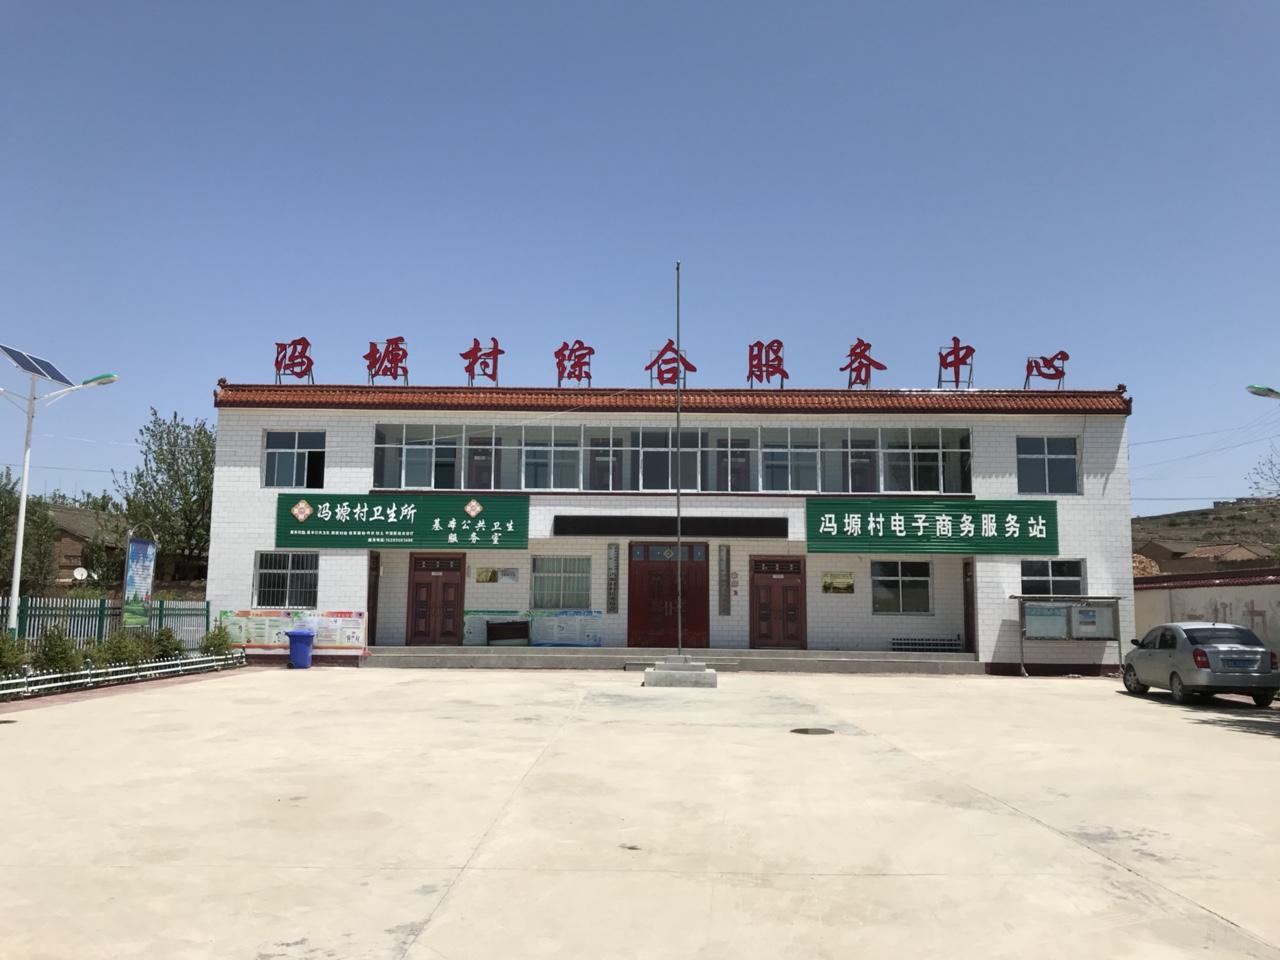 【文化惠民】龙山镇冯塬村综合文化服务中心风�